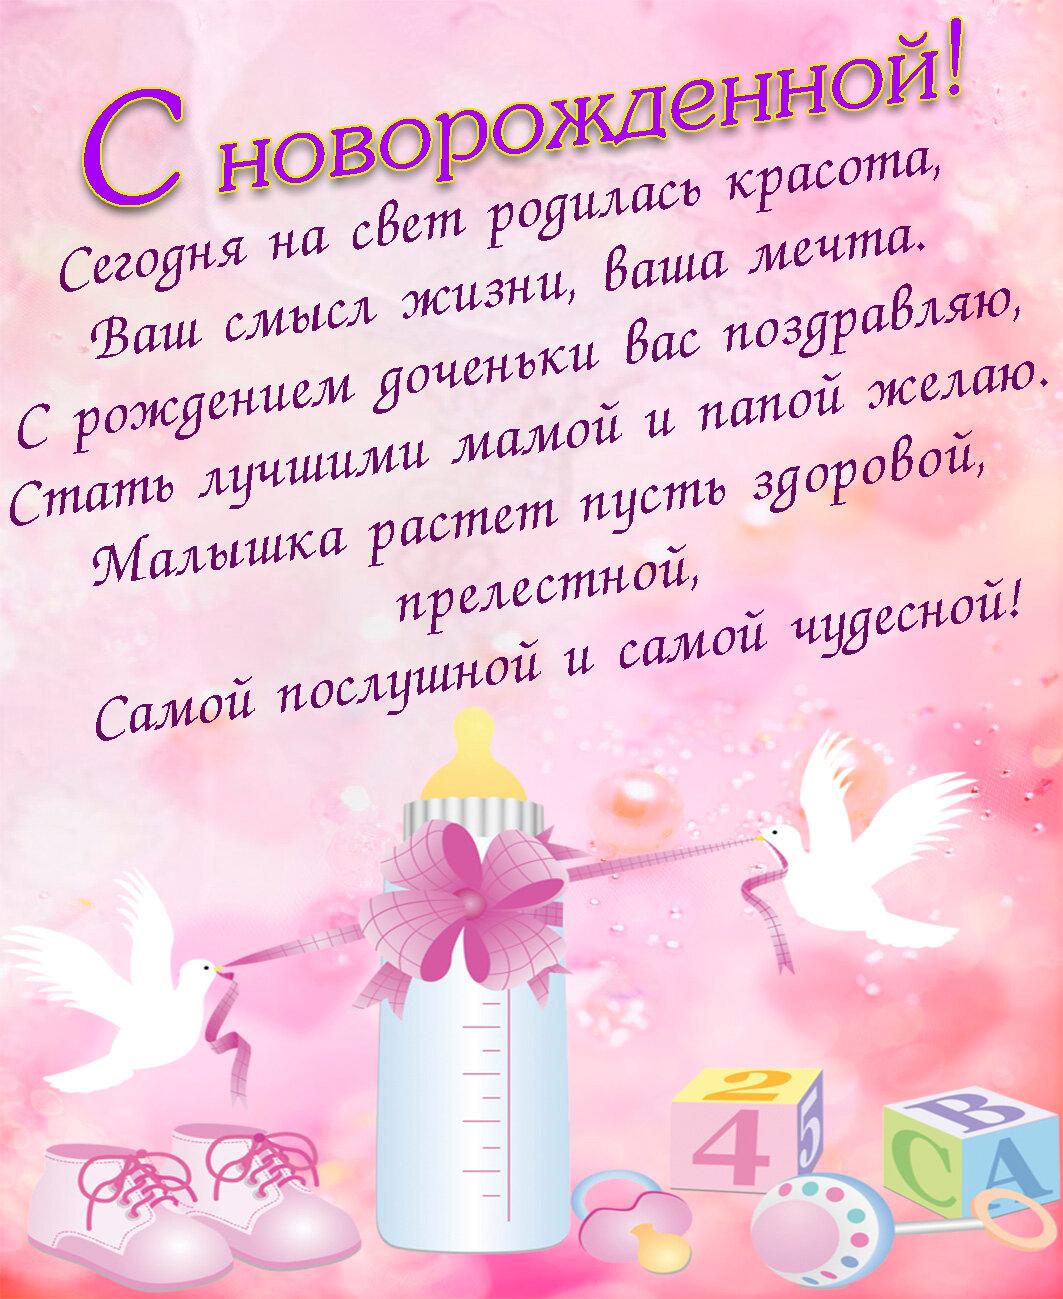 Мая день, открытка поздравление с новорожденным девочкой